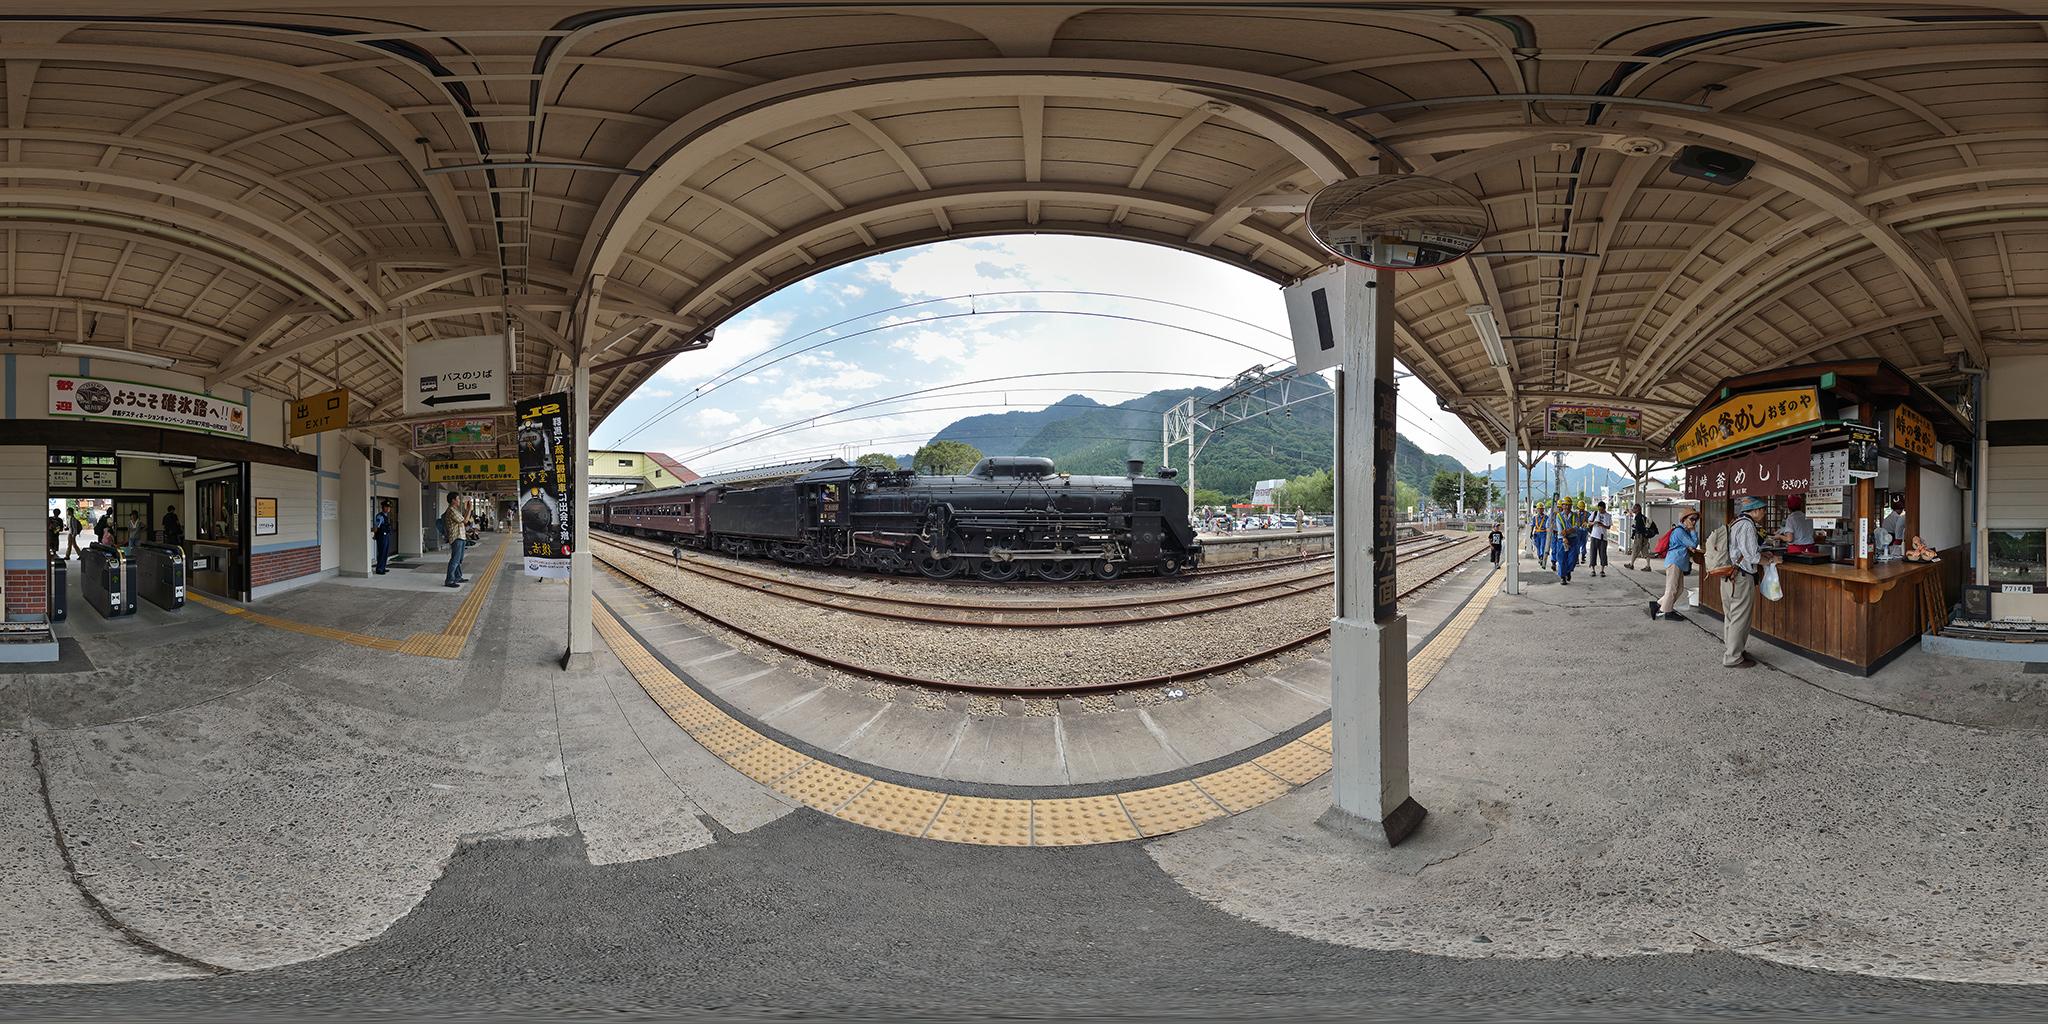 横川駅に到着したC61 20「SLレトロ碓氷」